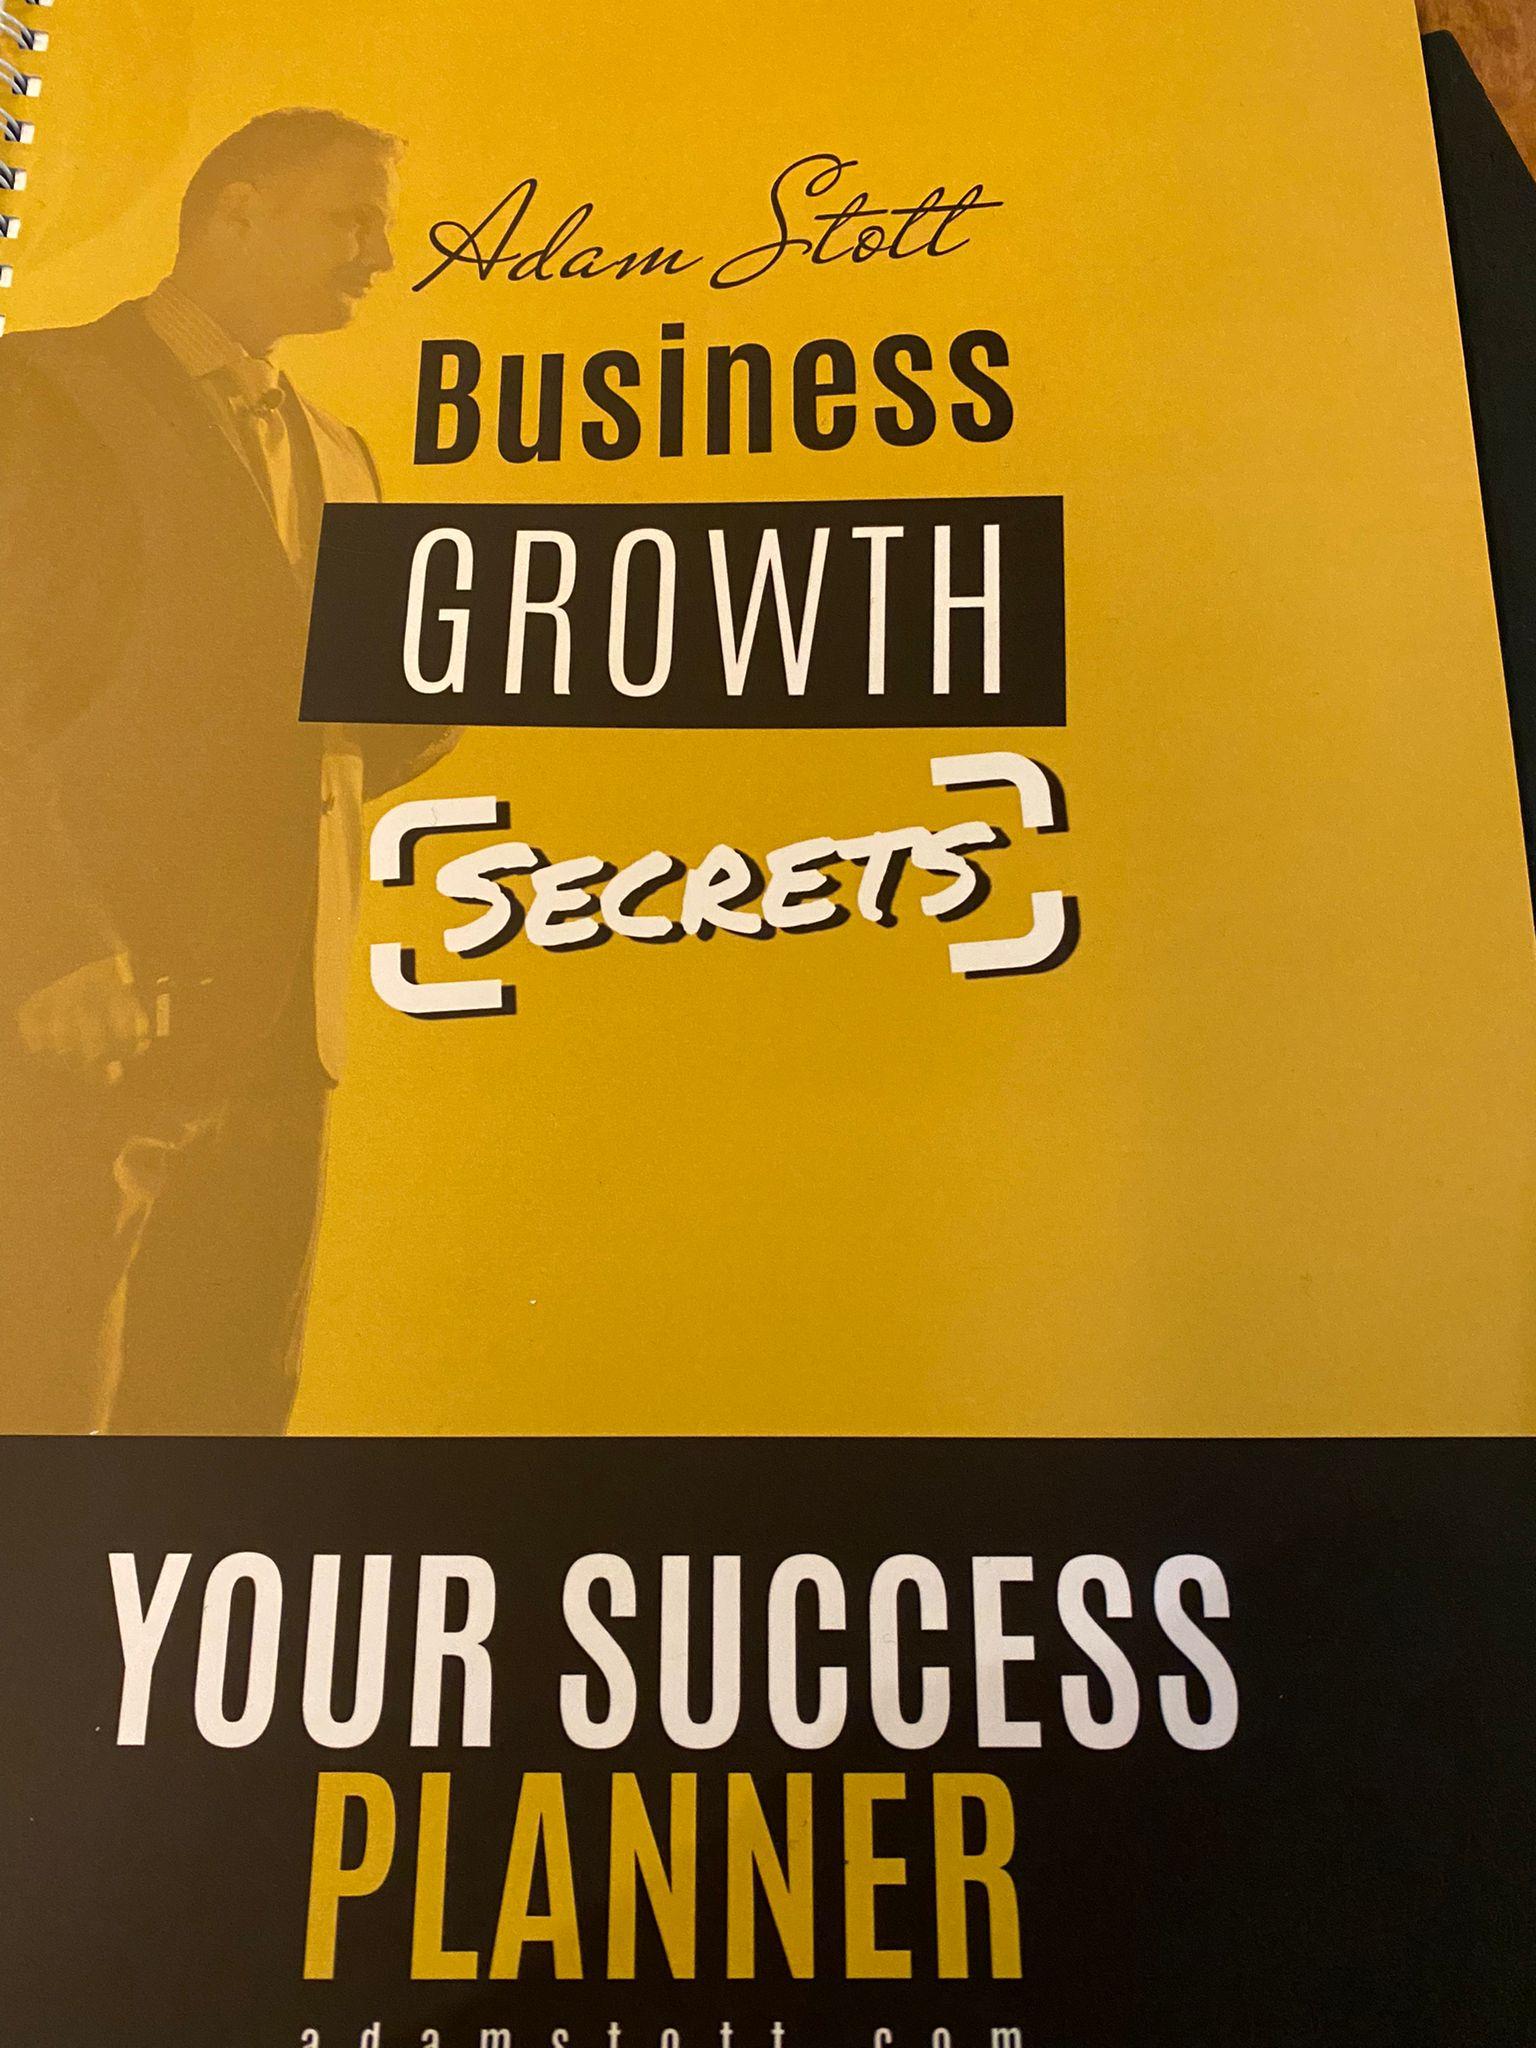 Adam Stott's Business Growth Secrets